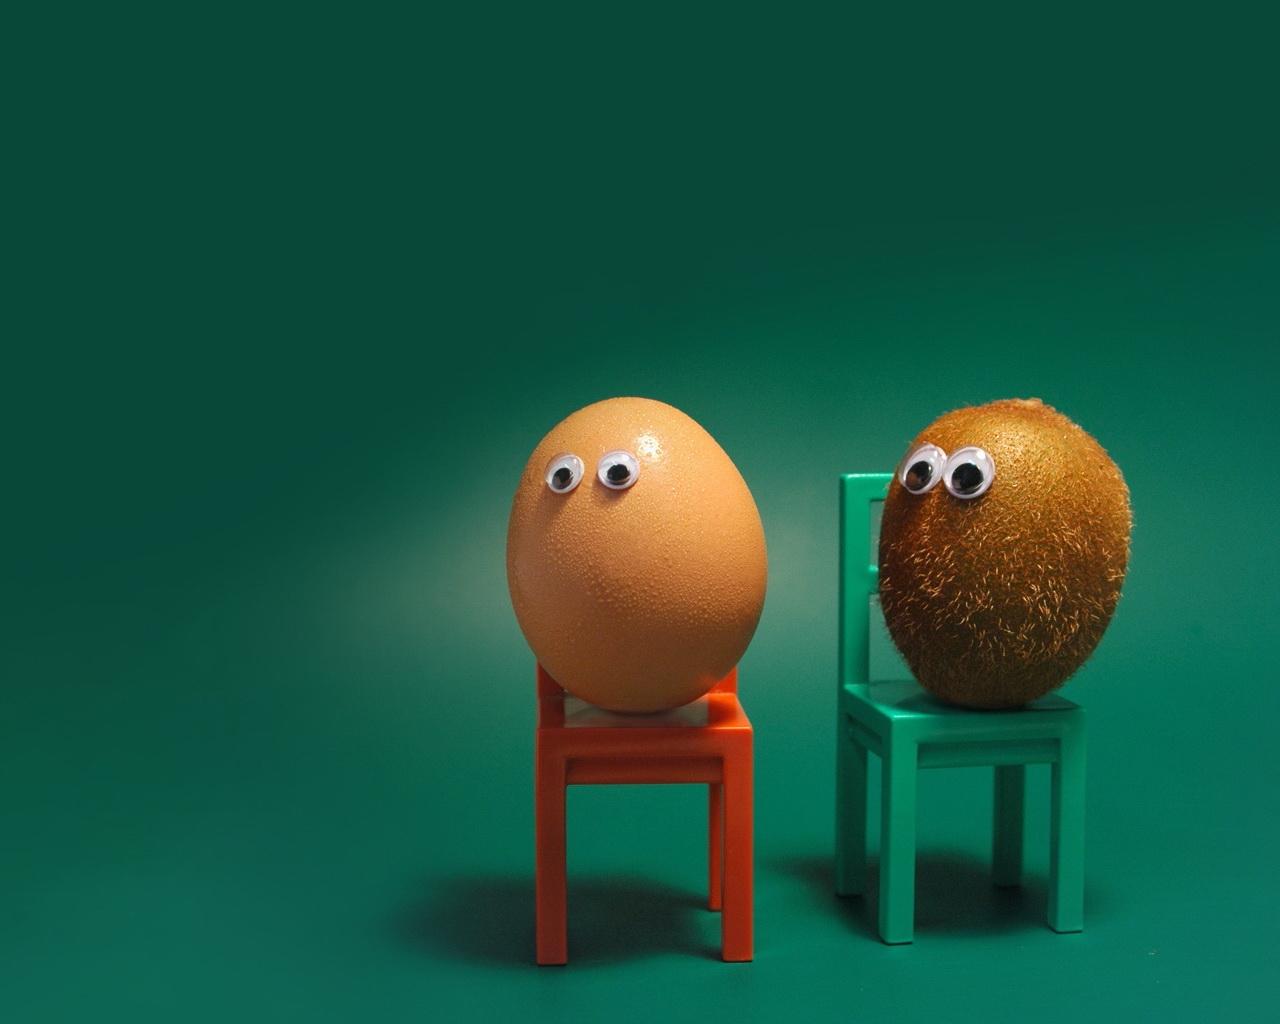 Masaüstü Yumurta Kivi Meyvesi Gözler Sandalyeler Komik Durum